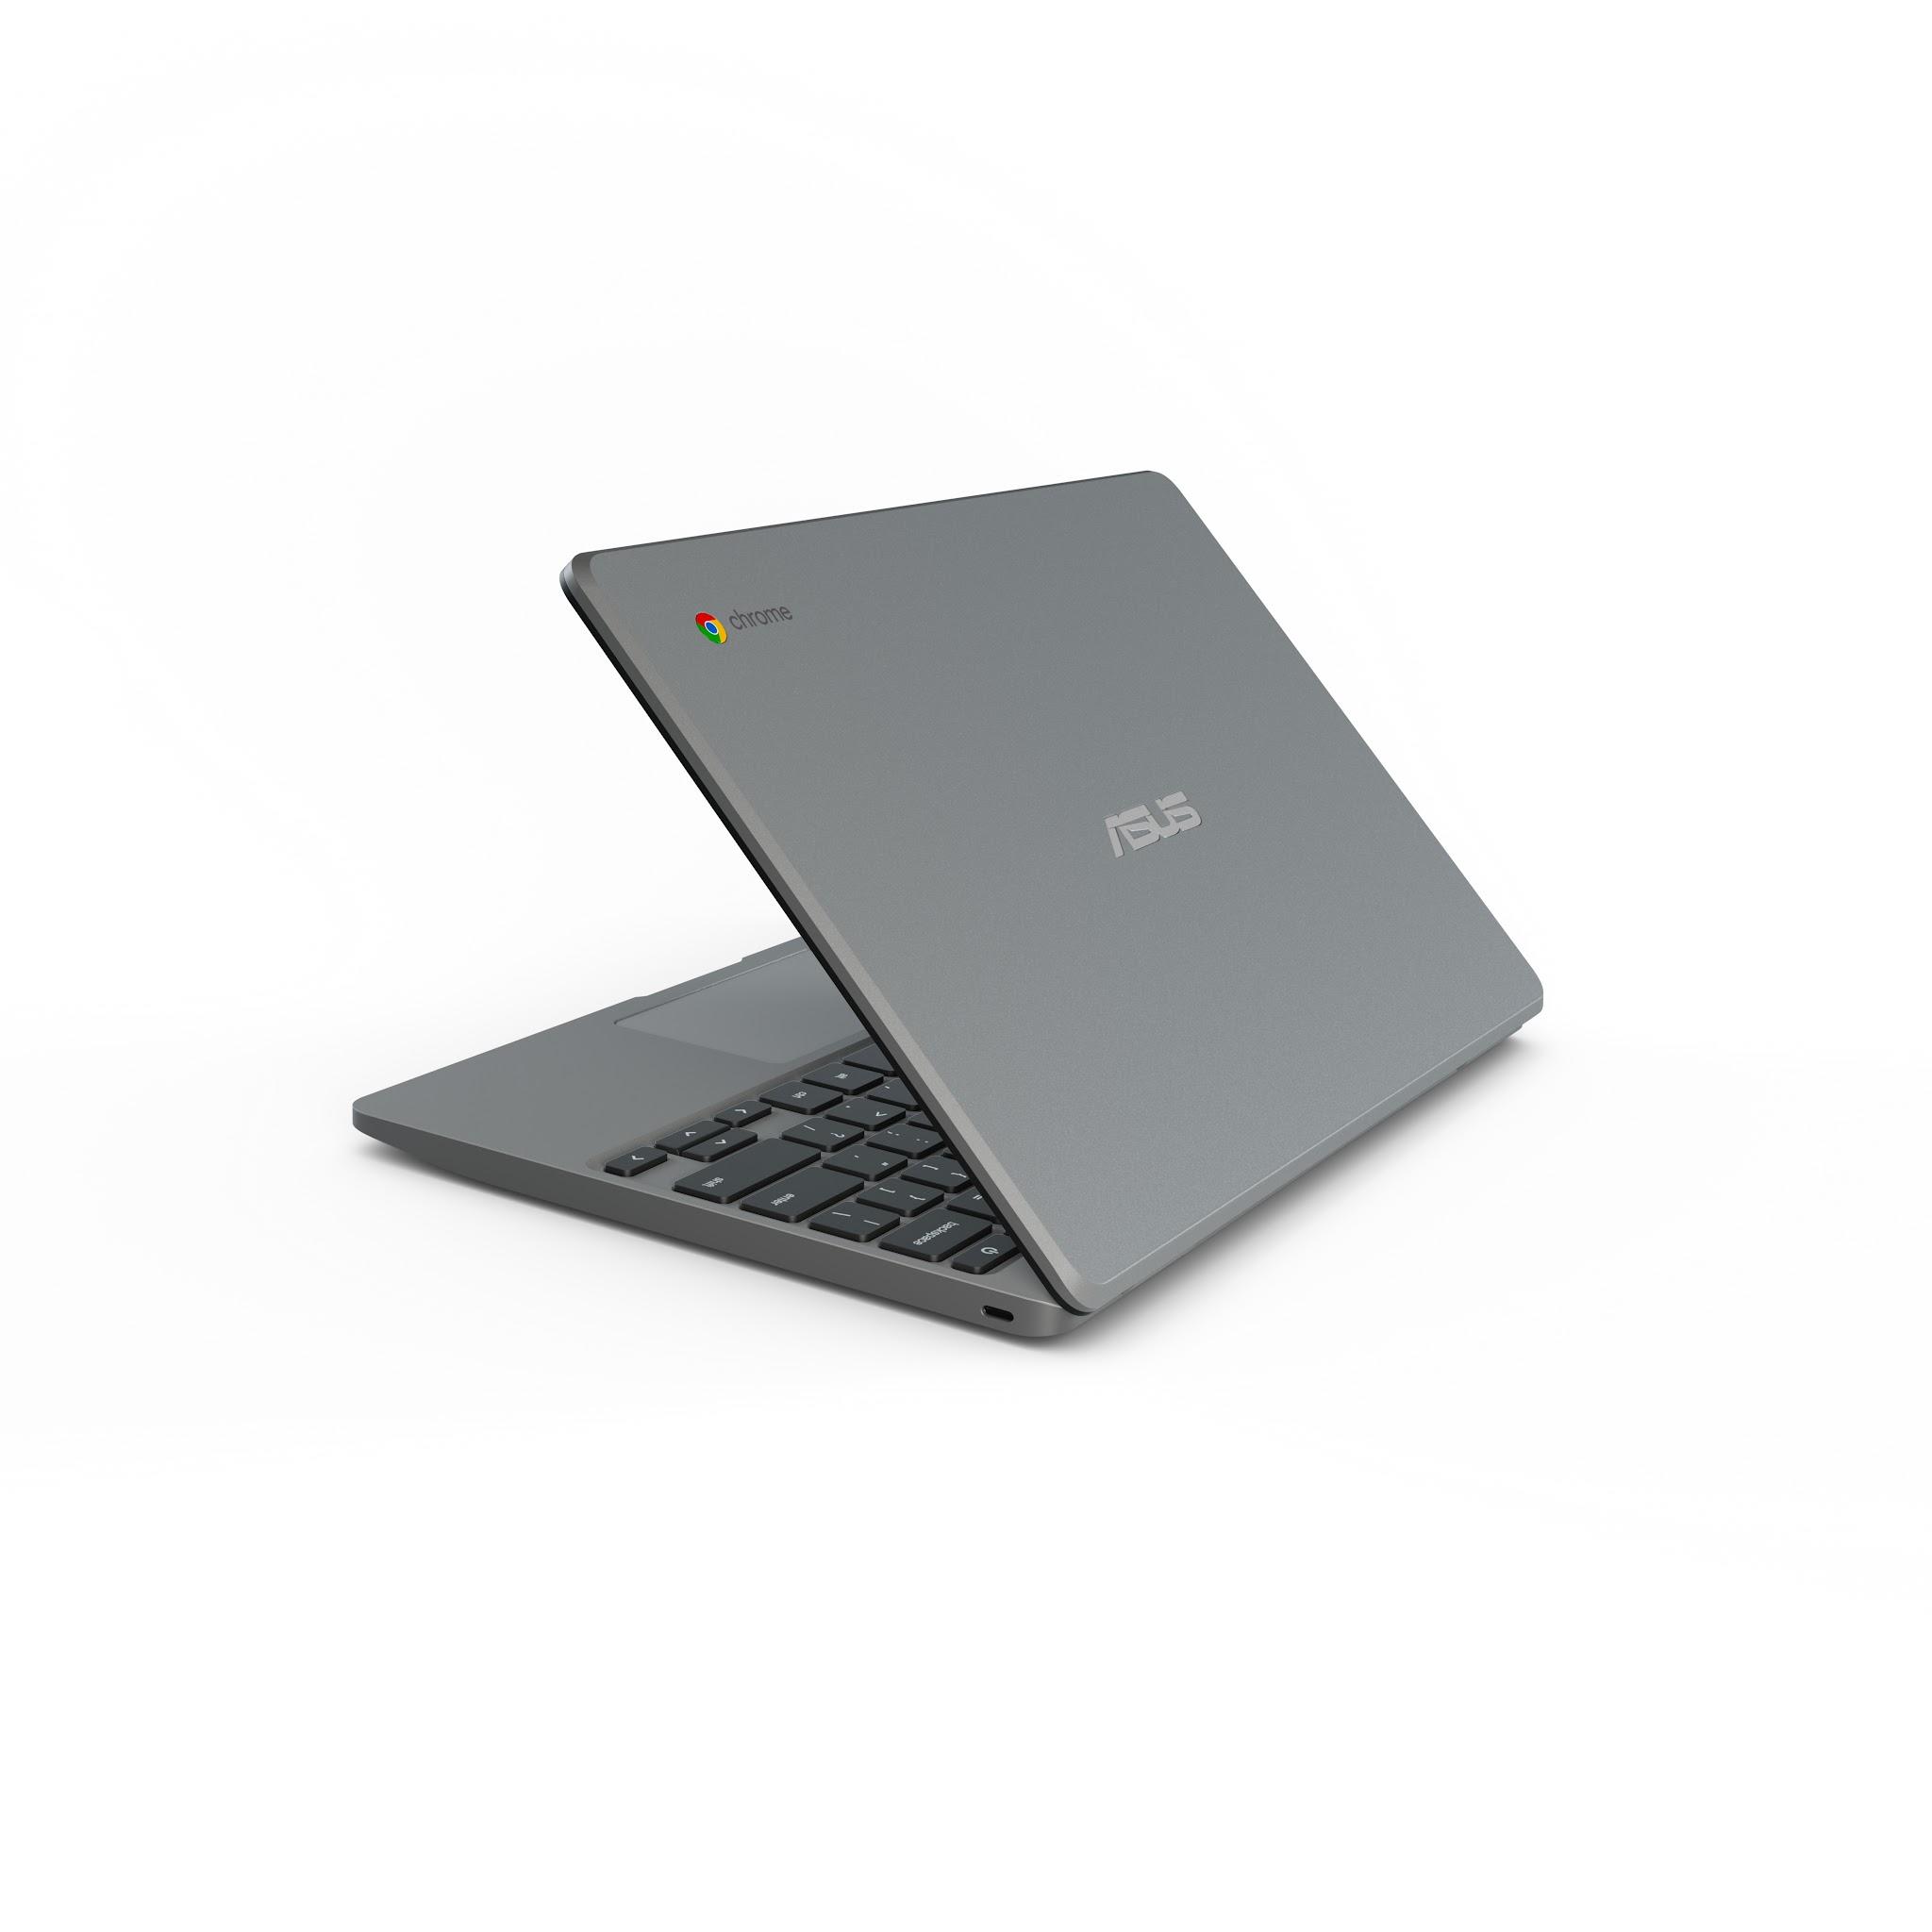 ASUS Chromebook C223 - photo 5